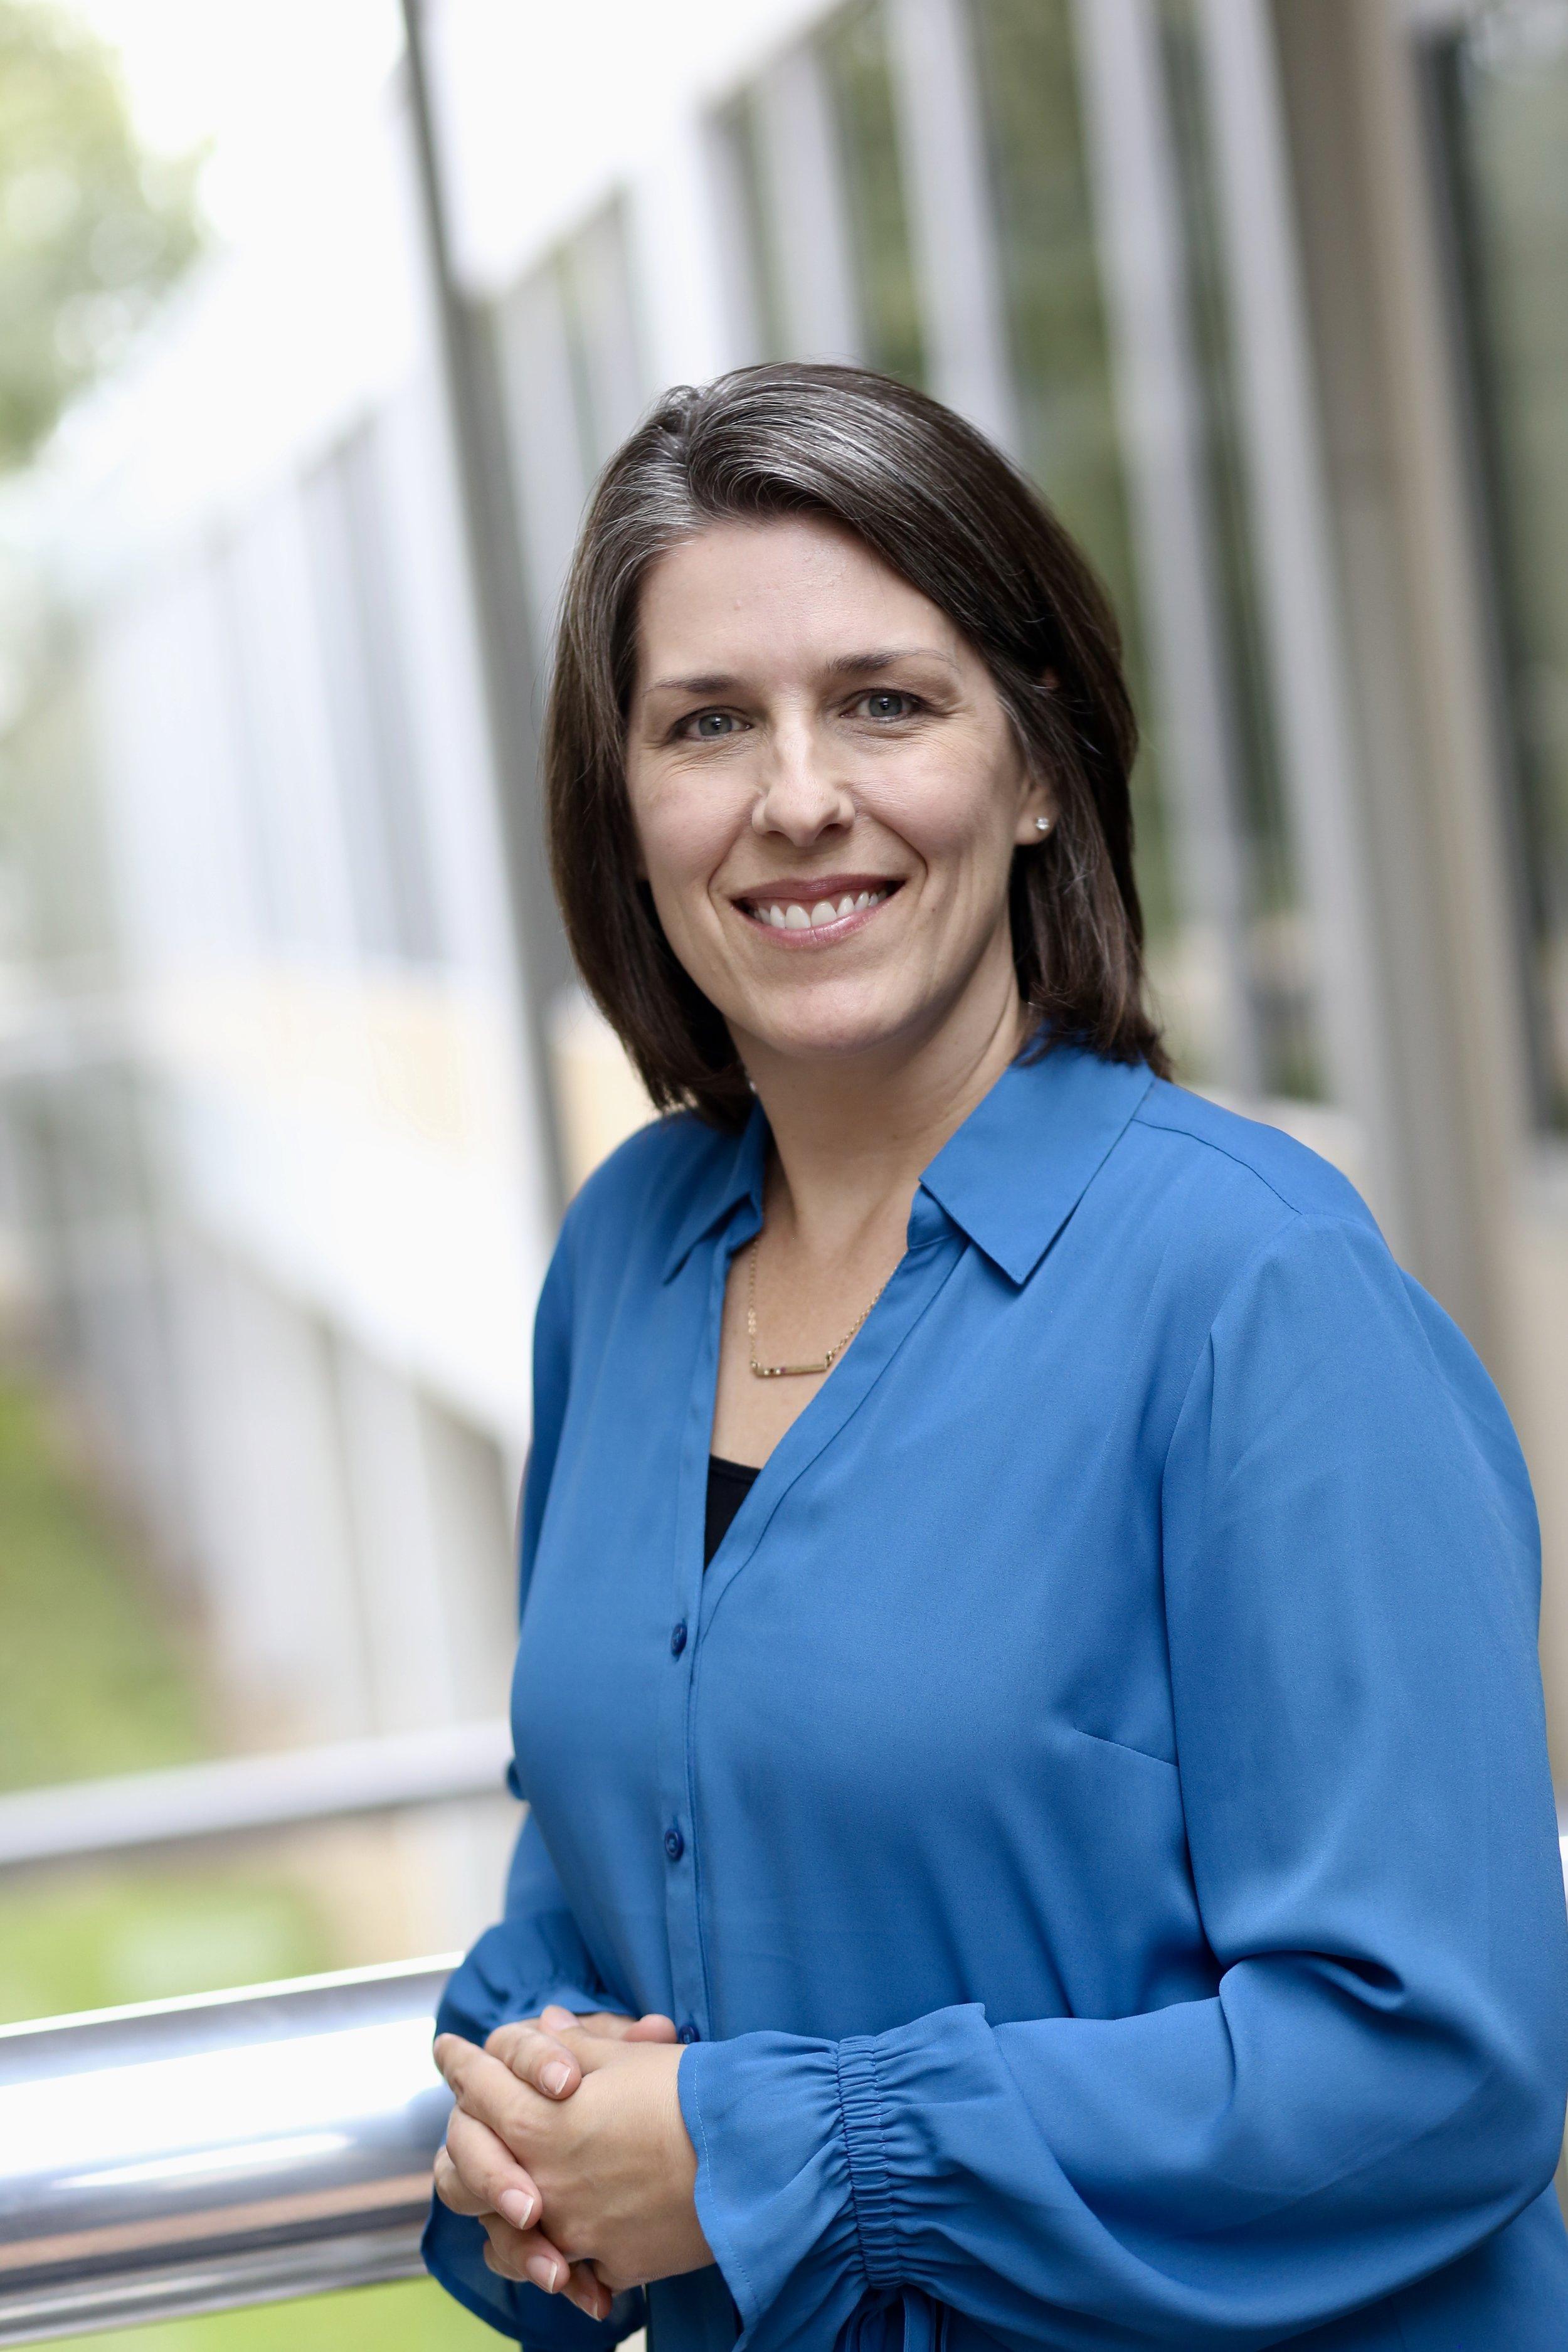 OBI Clinical Site Engagement Coordinator Jill Brown, RN